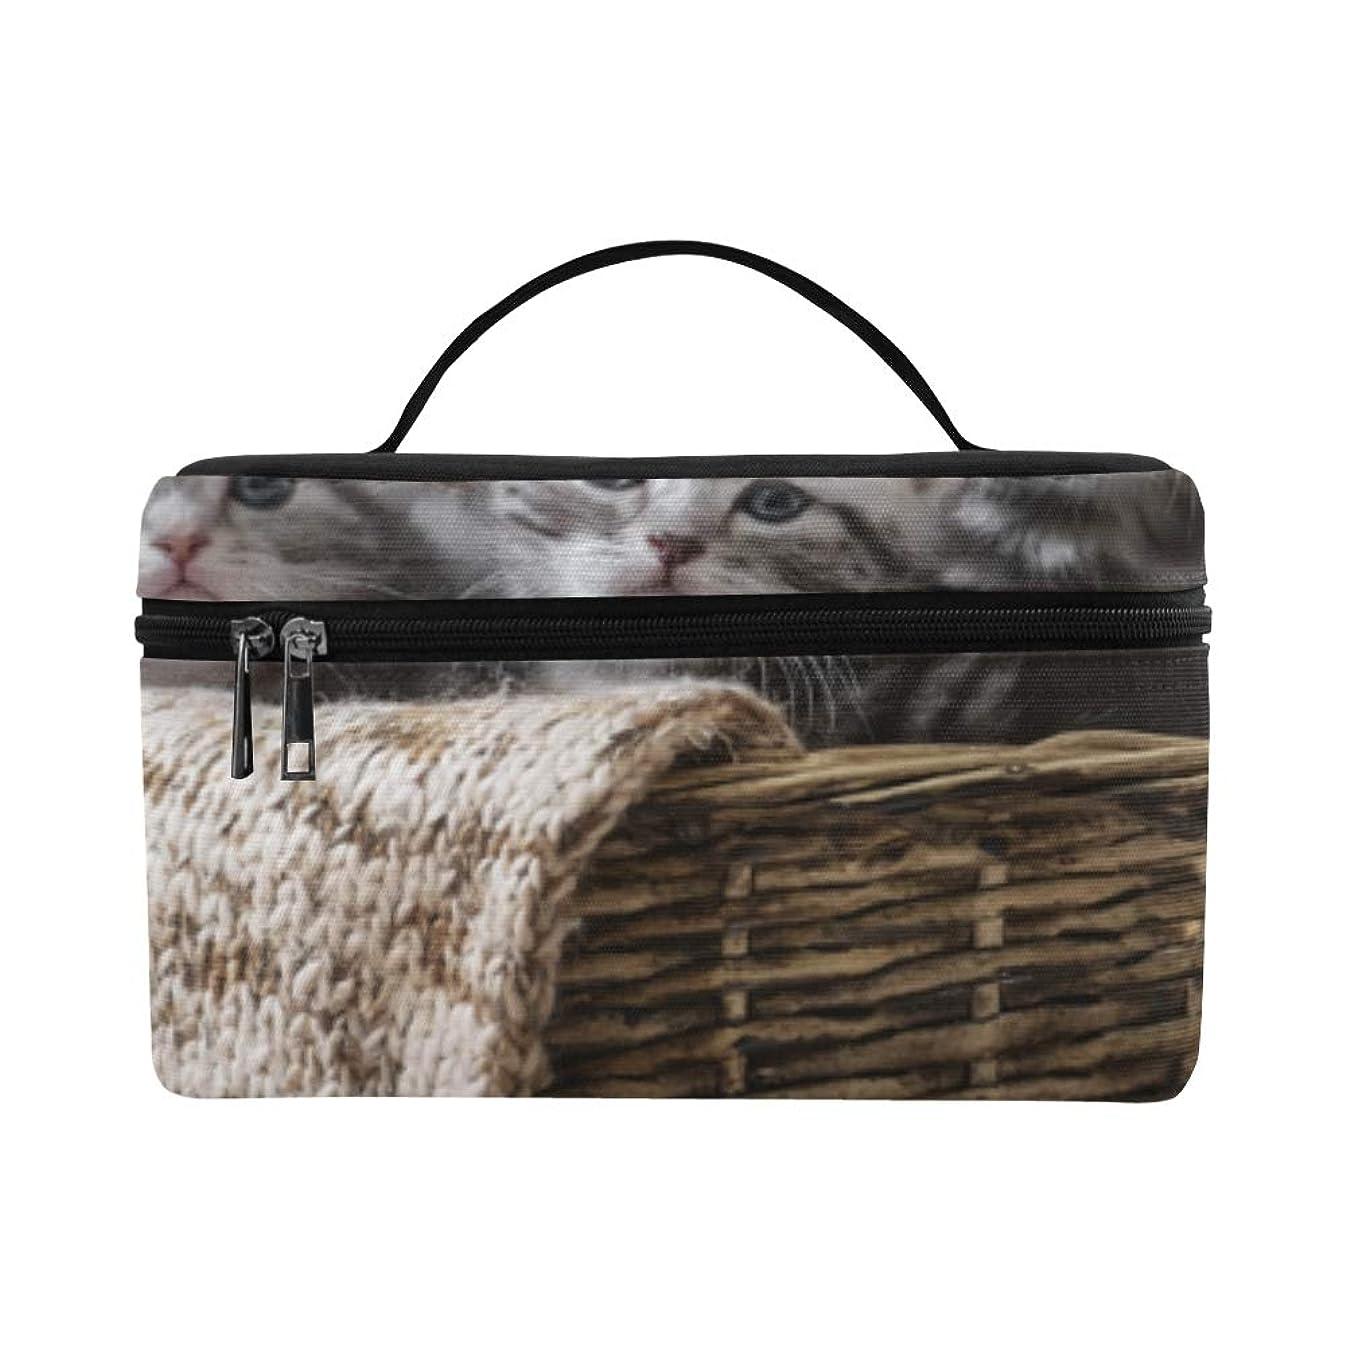 柱剥ぎ取るビリーヤギGGSXD メイクボックス 可愛い動物 子猫 コスメ収納 化粧品収納ケース 大容量 収納ボックス 化粧品入れ 化粧バッグ 旅行用 メイクブラシバッグ 化粧箱 持ち運び便利 プロ用